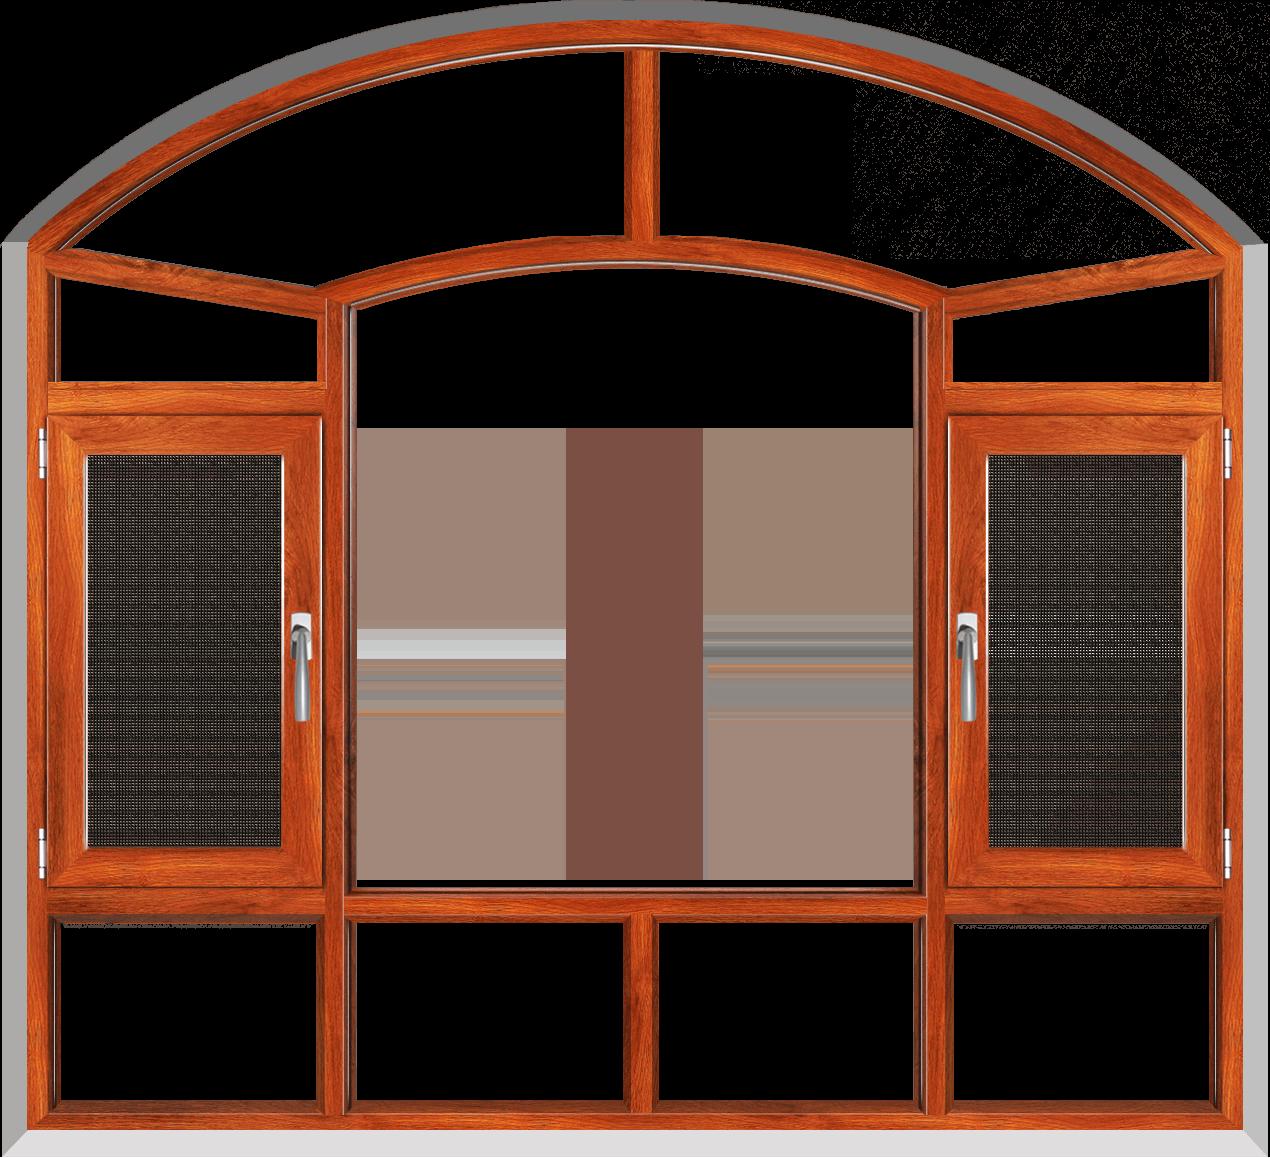 怎么做铝木窗店